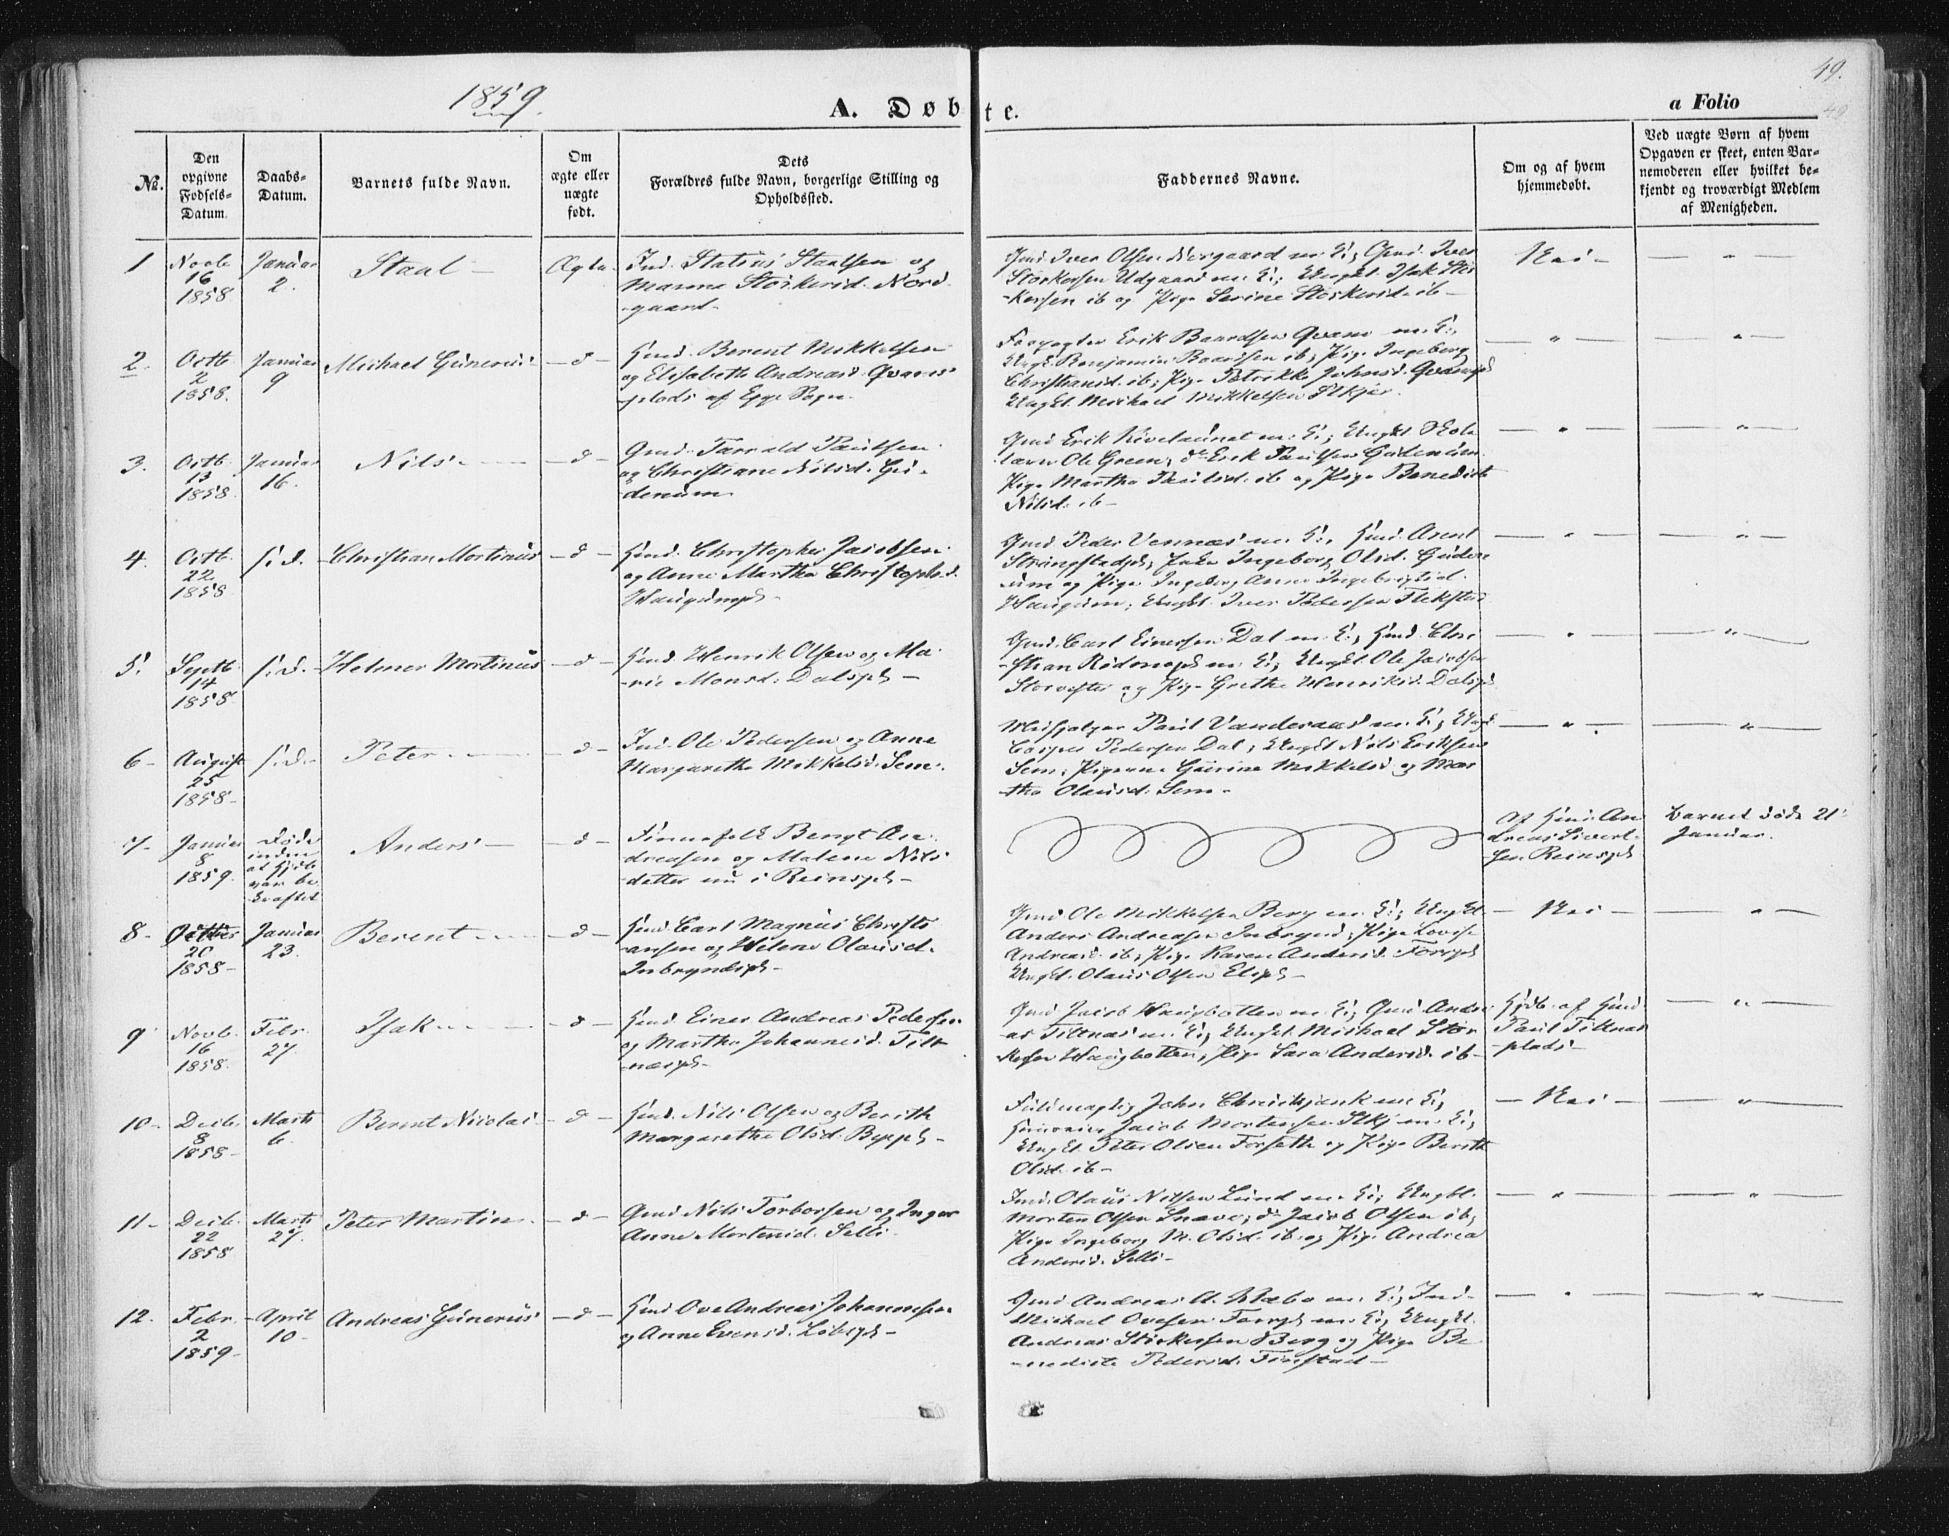 SAT, Ministerialprotokoller, klokkerbøker og fødselsregistre - Nord-Trøndelag, 746/L0446: Ministerialbok nr. 746A05, 1846-1859, s. 49